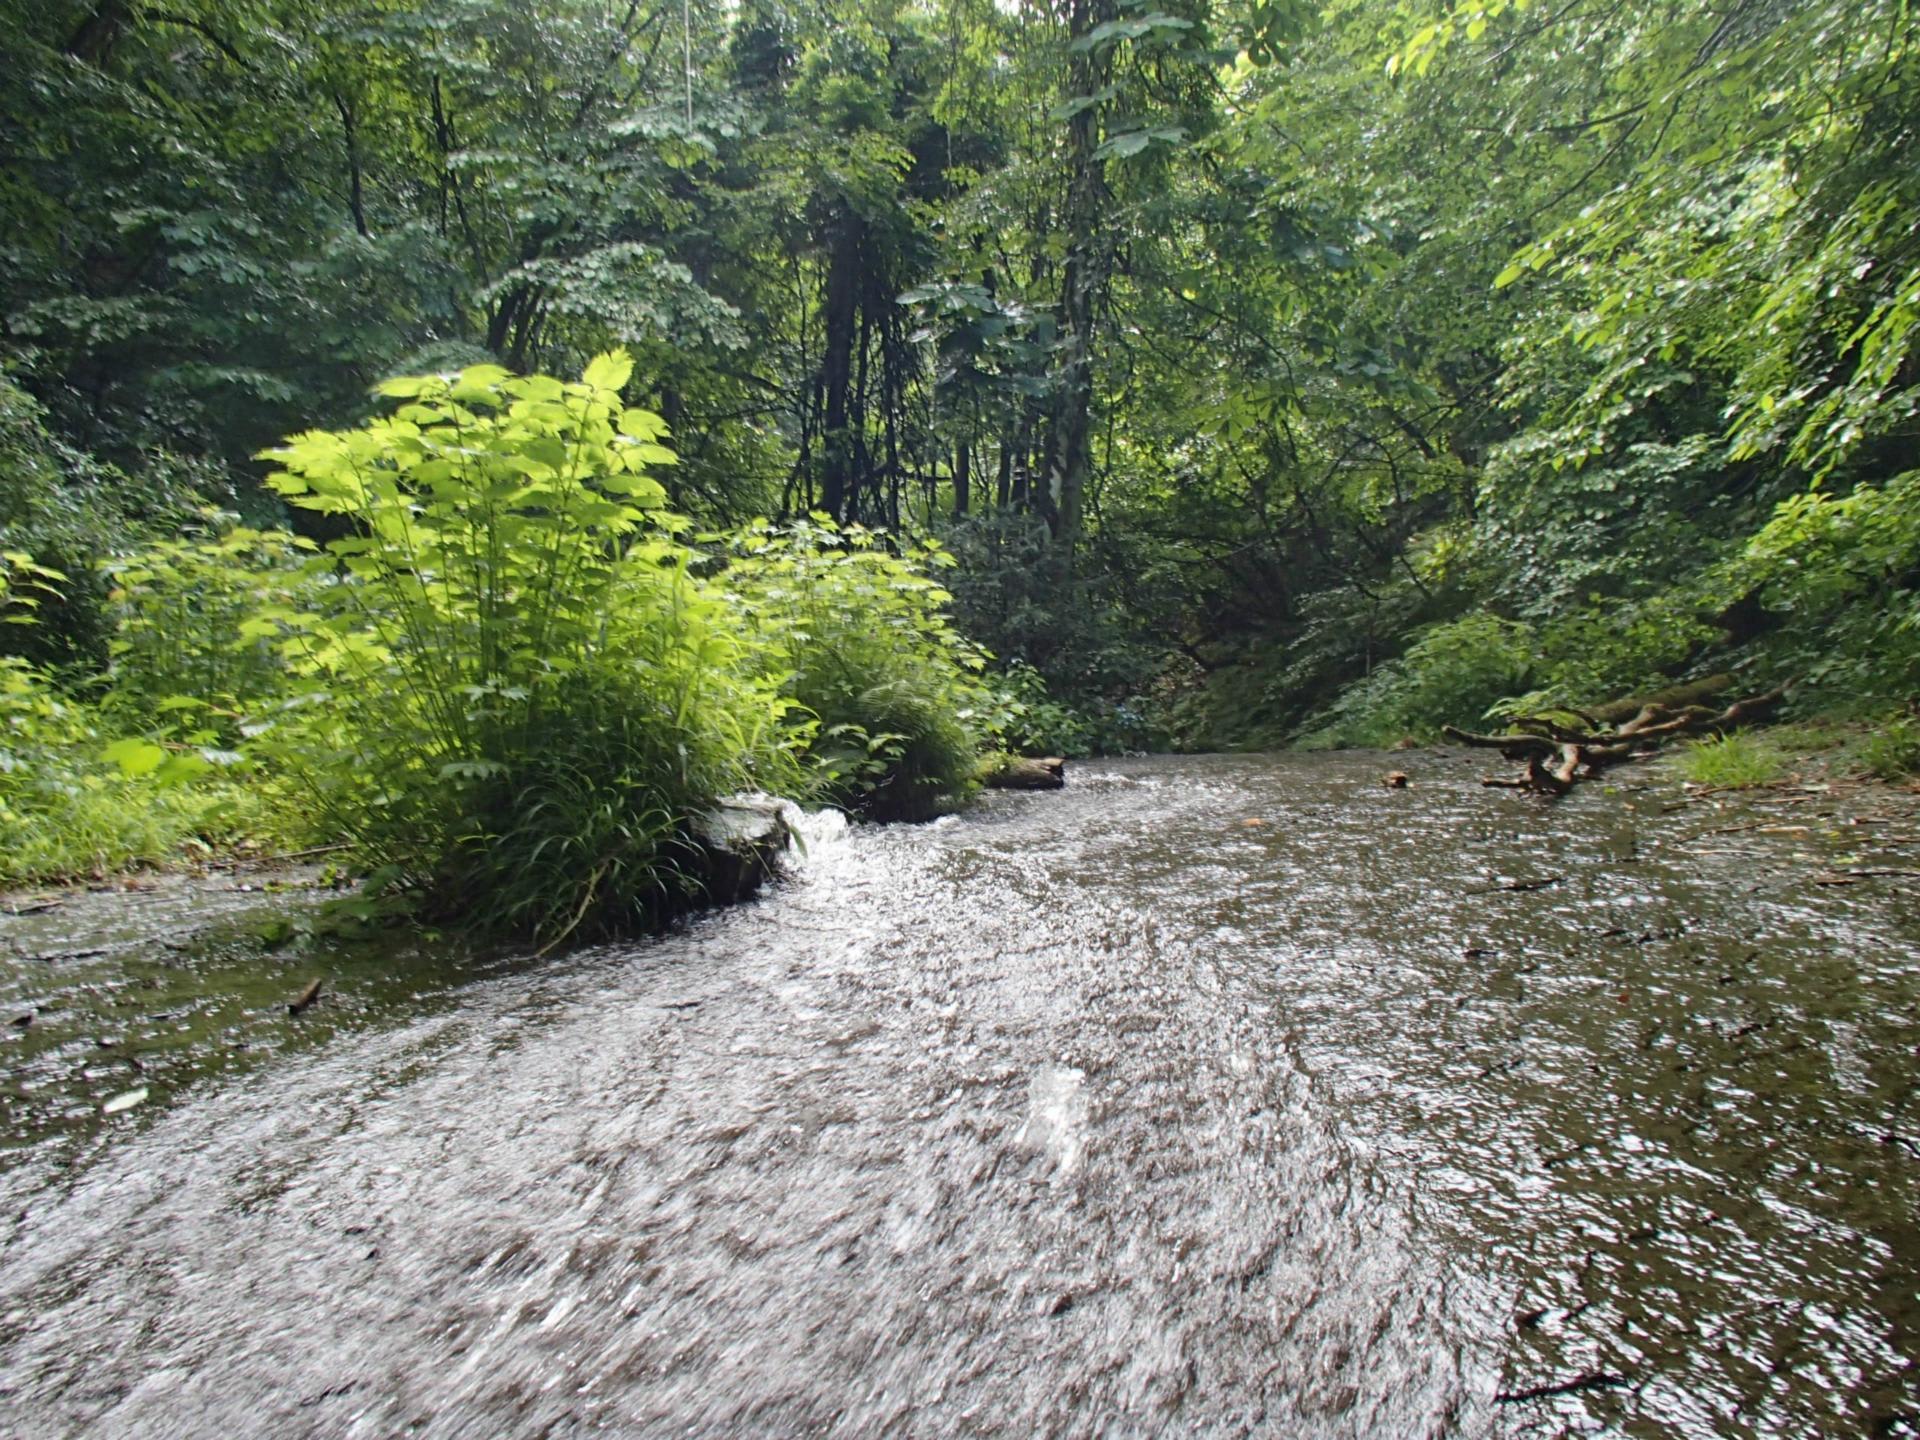 ナメ~ アップ 水量は平水か。 五郎七郎滝手前の滝 ゴロシチは水量少な...  ようさんの山物語